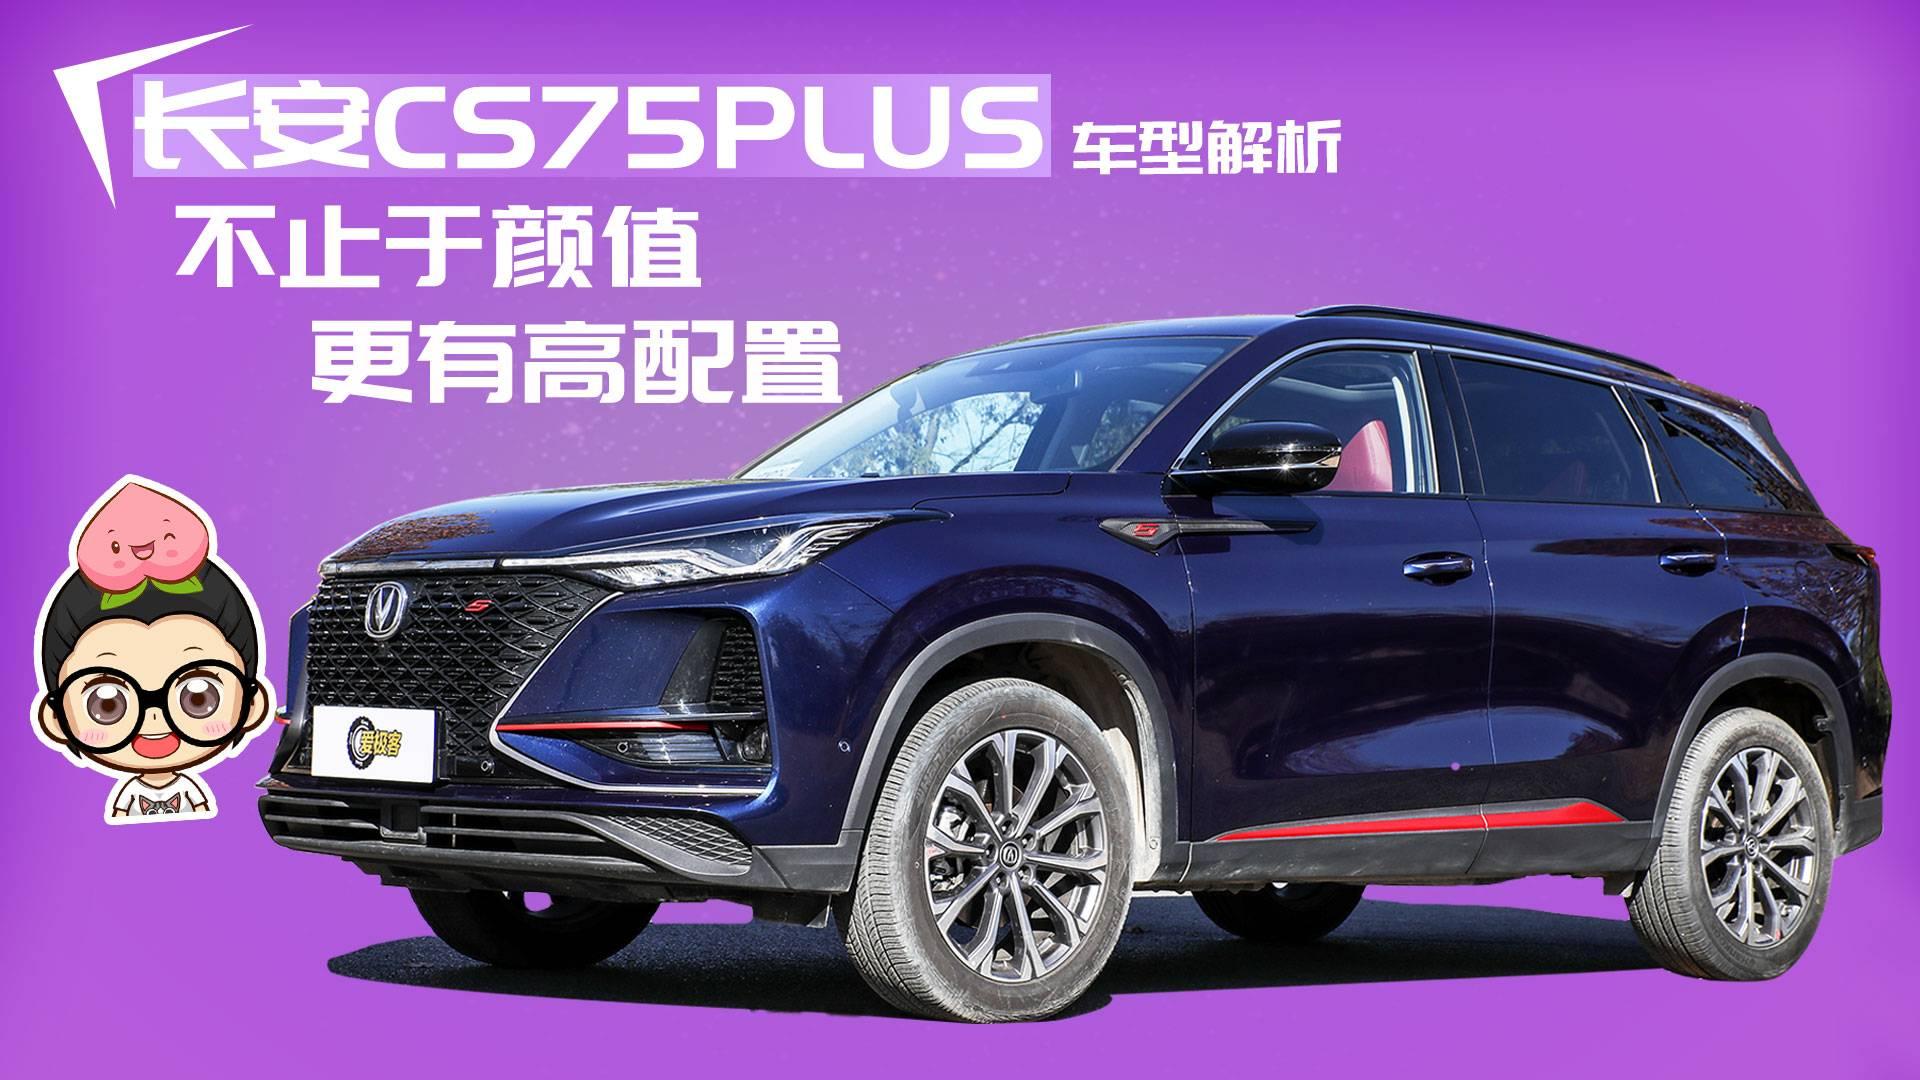 【选车帮帮忙】长安CS75PLUS车型解析 不止于颜值 更有高配置